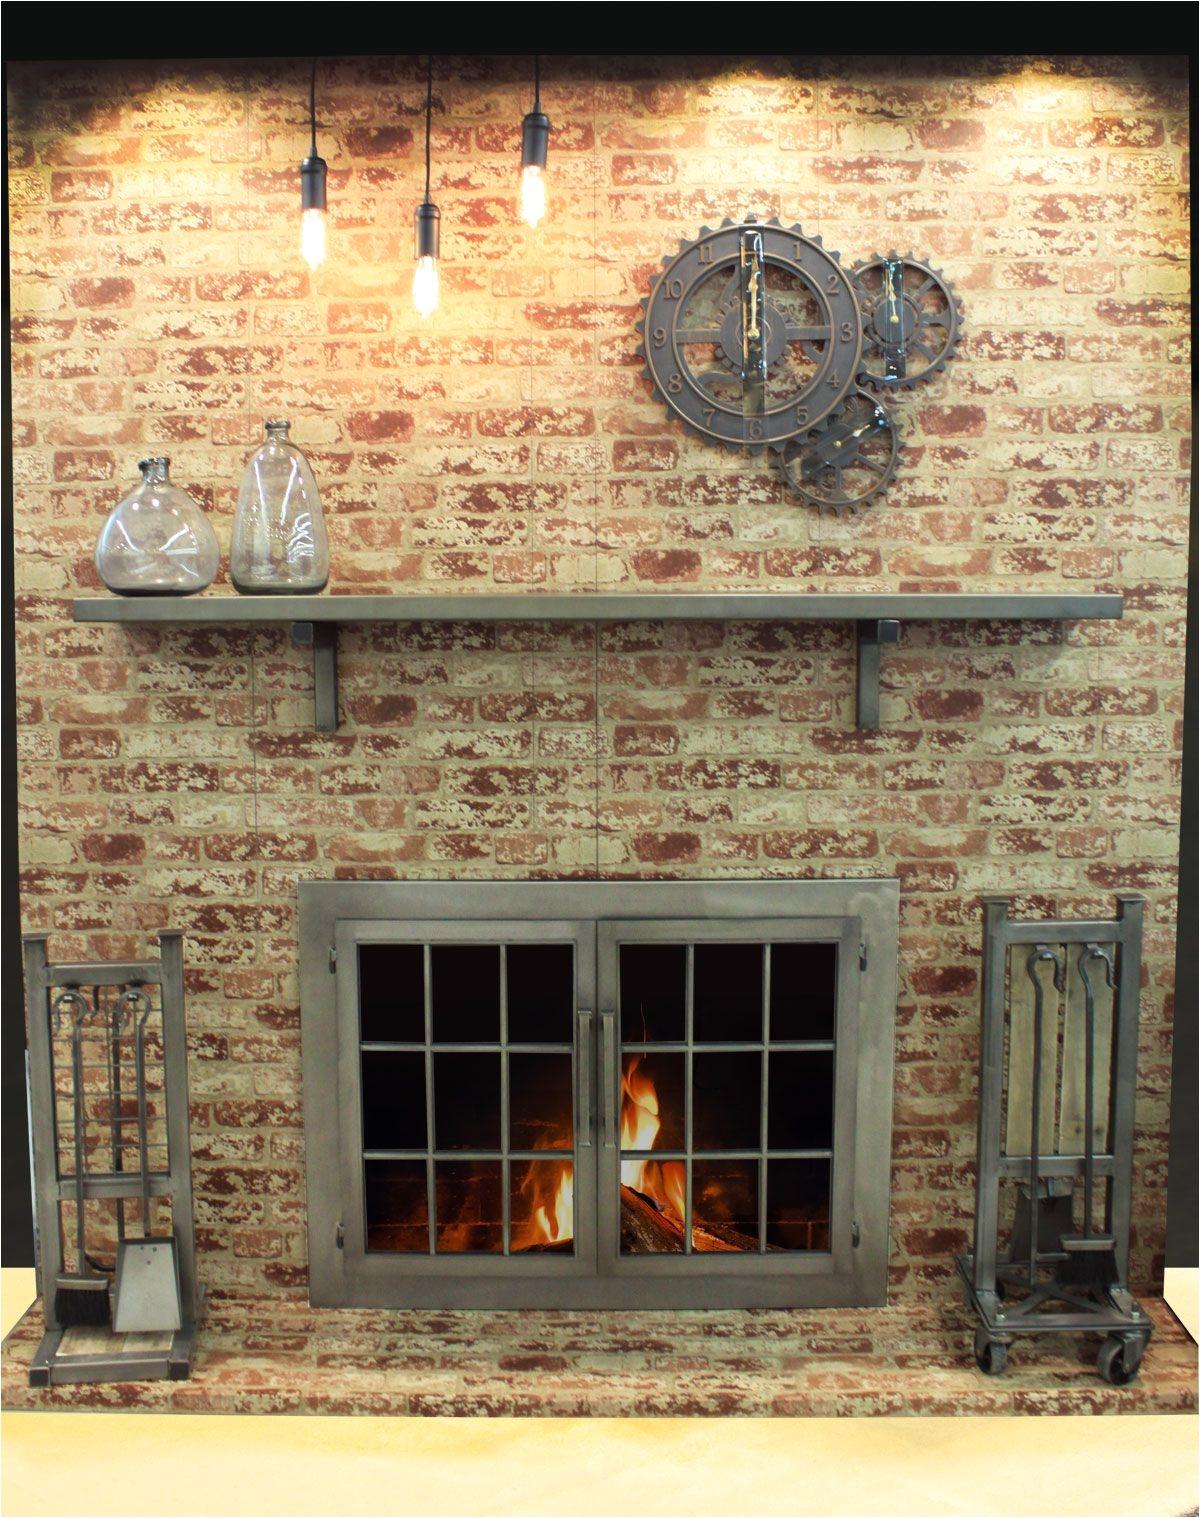 Stoll Fireplace Doors Online Stoll Fireplace Inc Custom Glass Fireplace Doors Heating